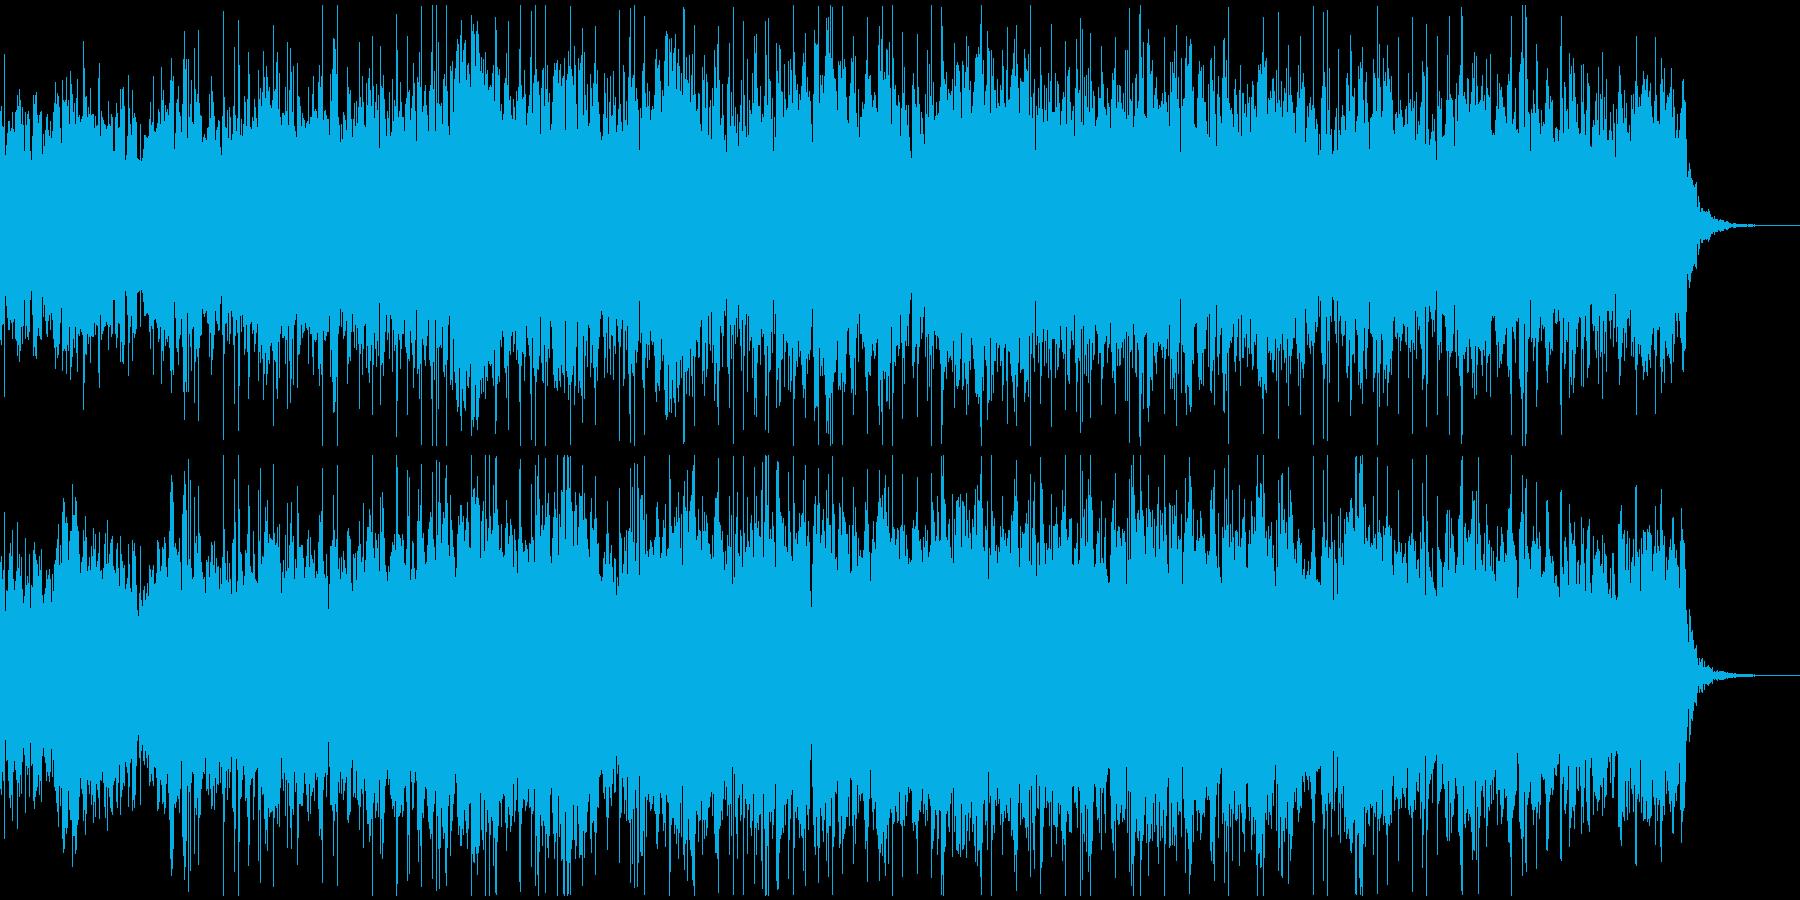 秋の風をイメージしたBGMの再生済みの波形